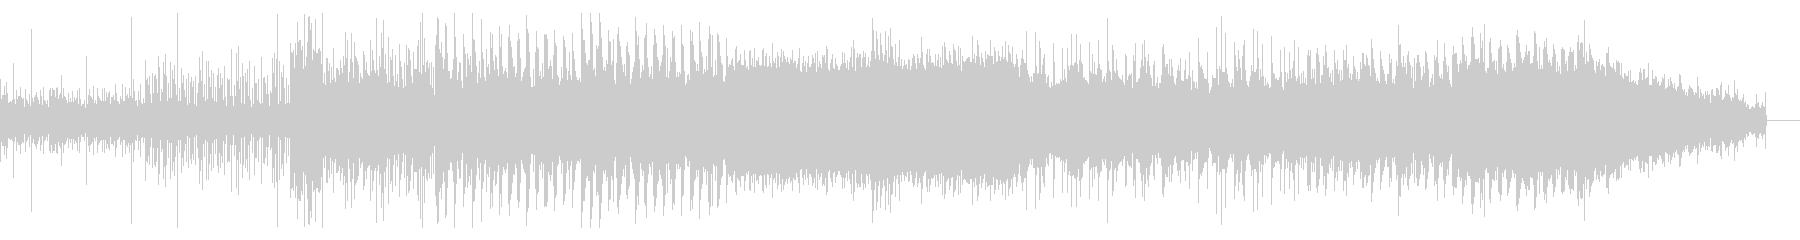 徐々に迫るデジタルシネマティックBGMの未再生の波形